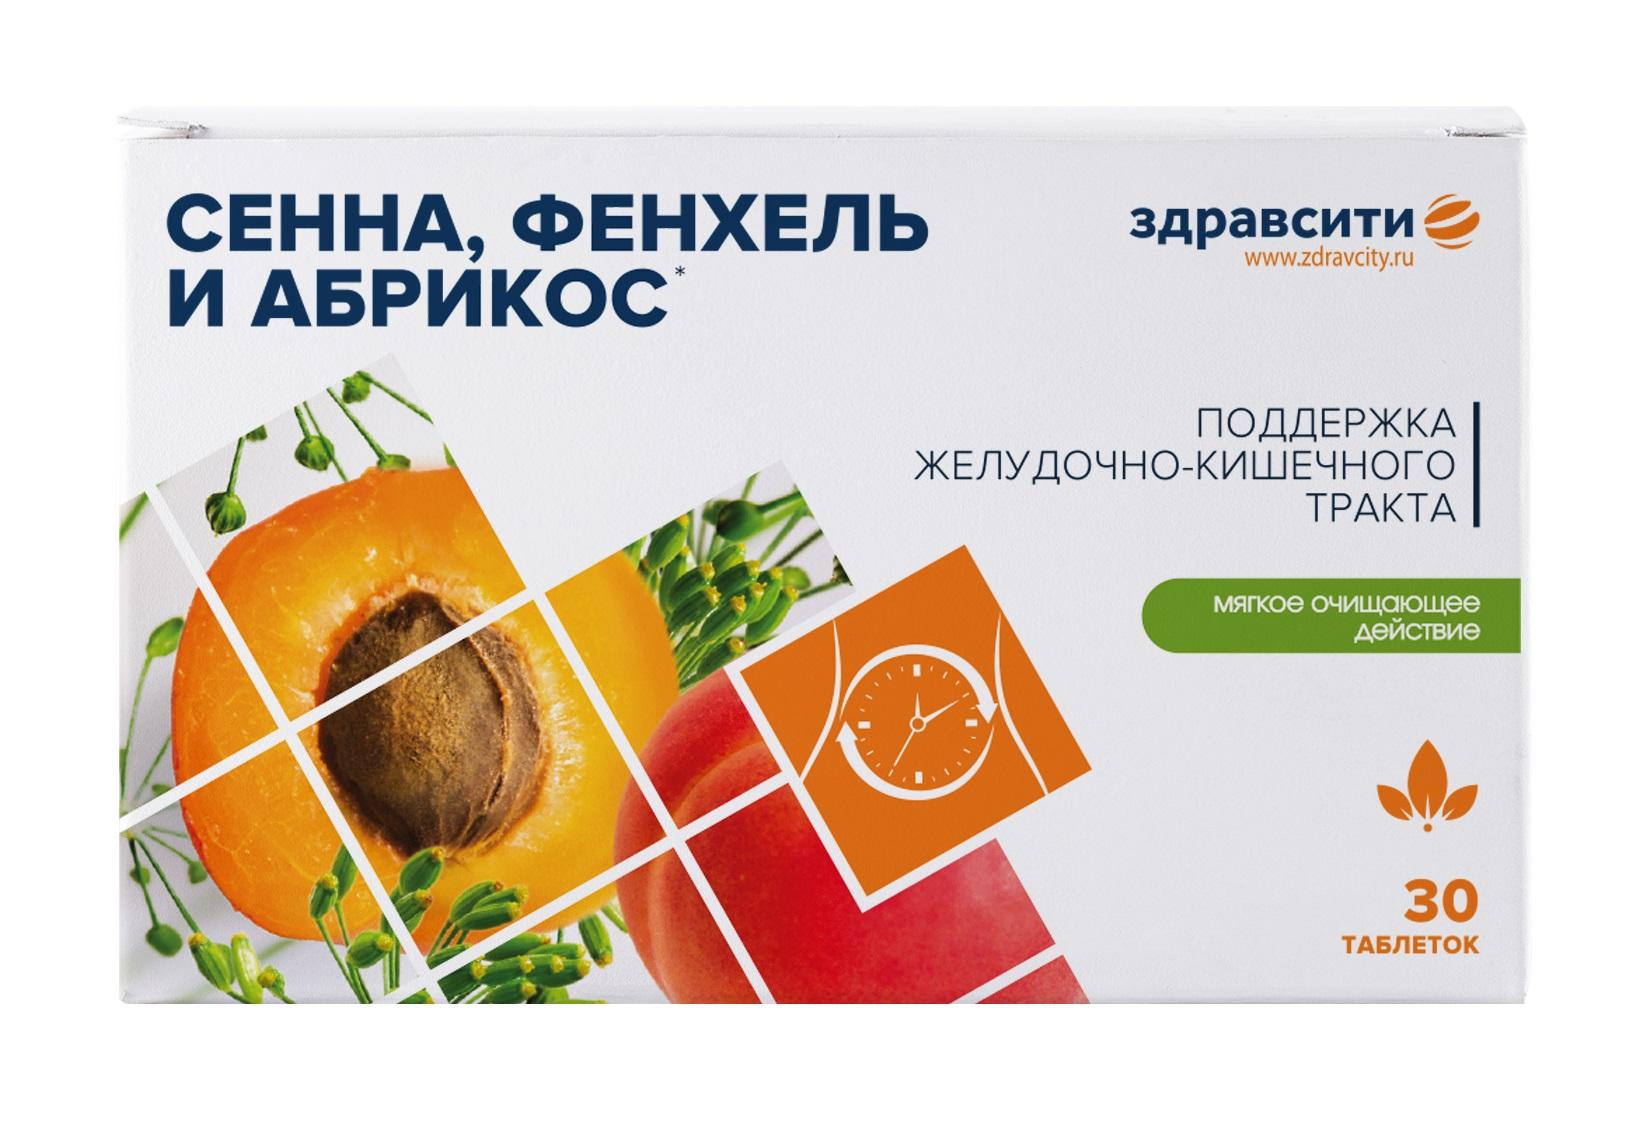 Здравсити комплекс экстрактов сенны, фенхеля и абрикоса, табл. 500 мг №30 (бад)